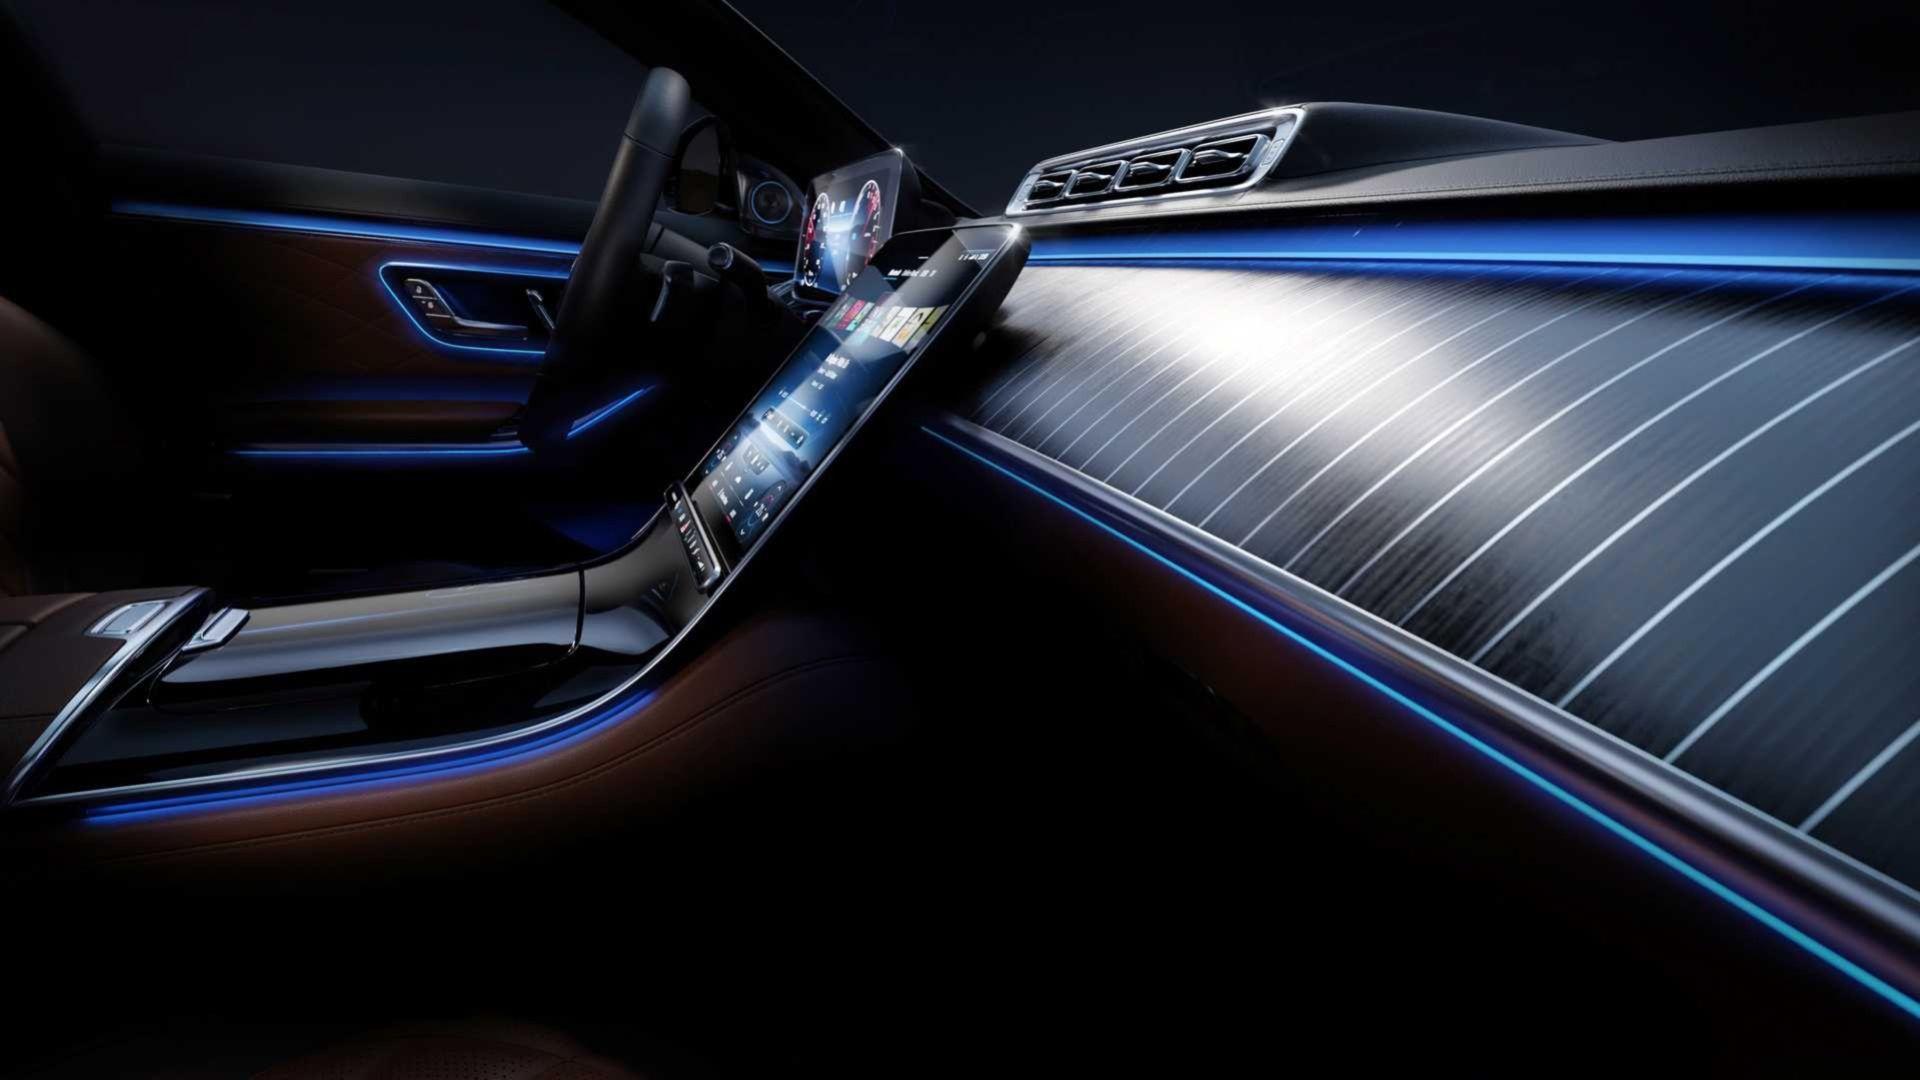 Mercedes visar mer av insidan i nya S-Klass